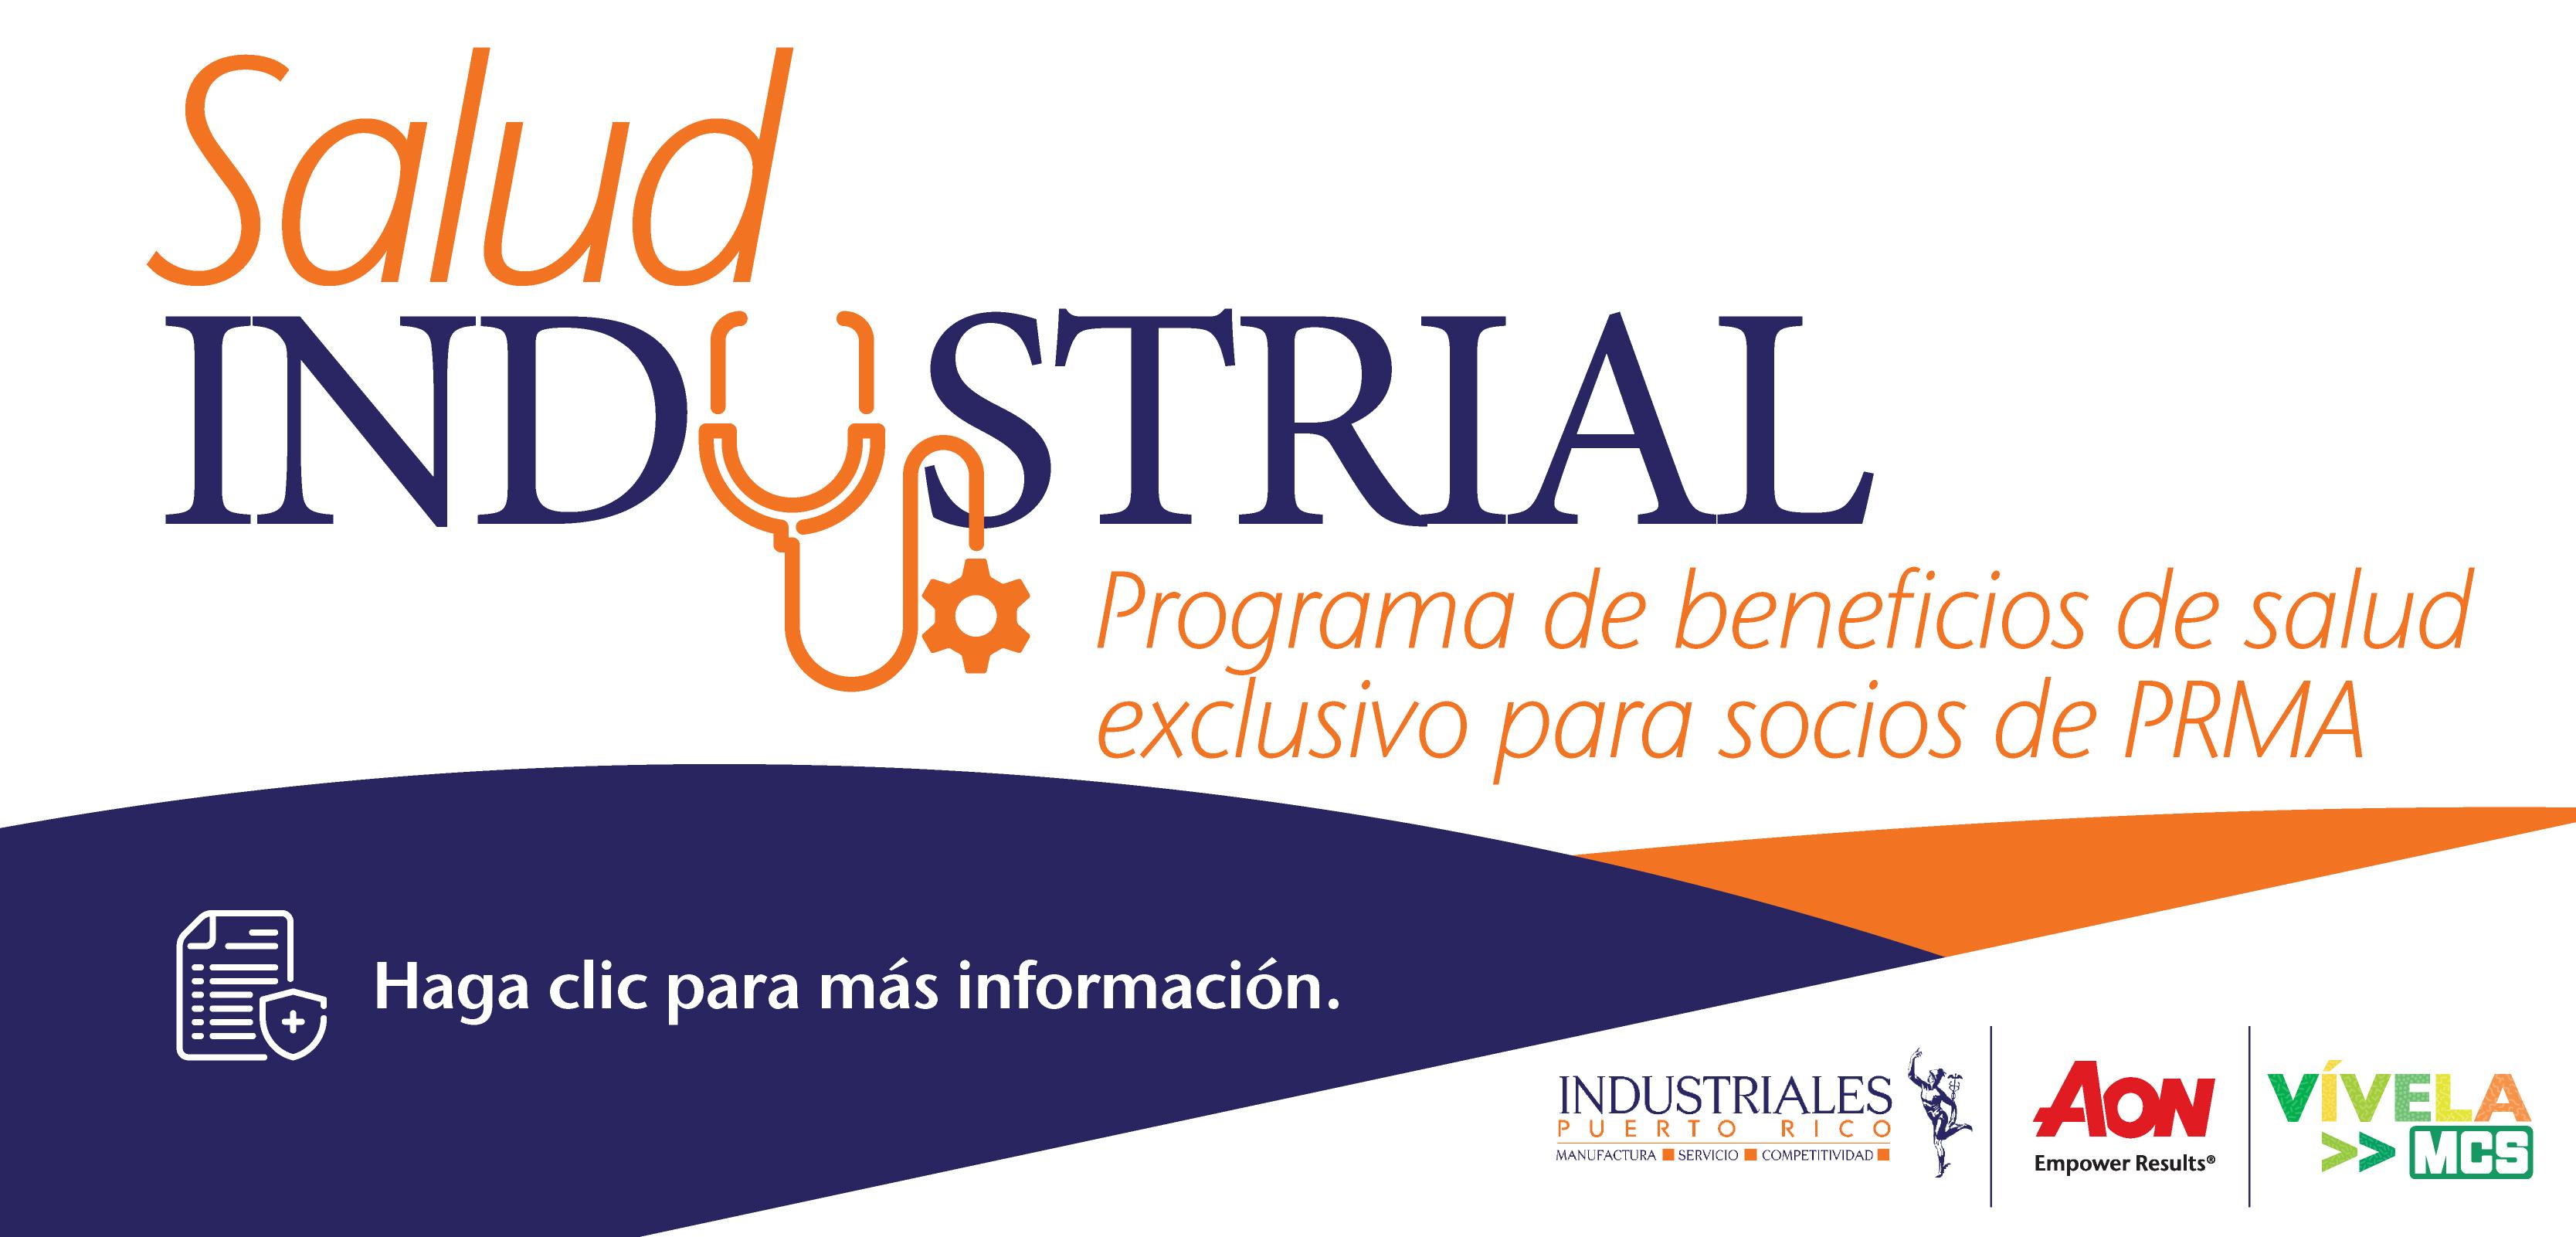 Salud Industrial